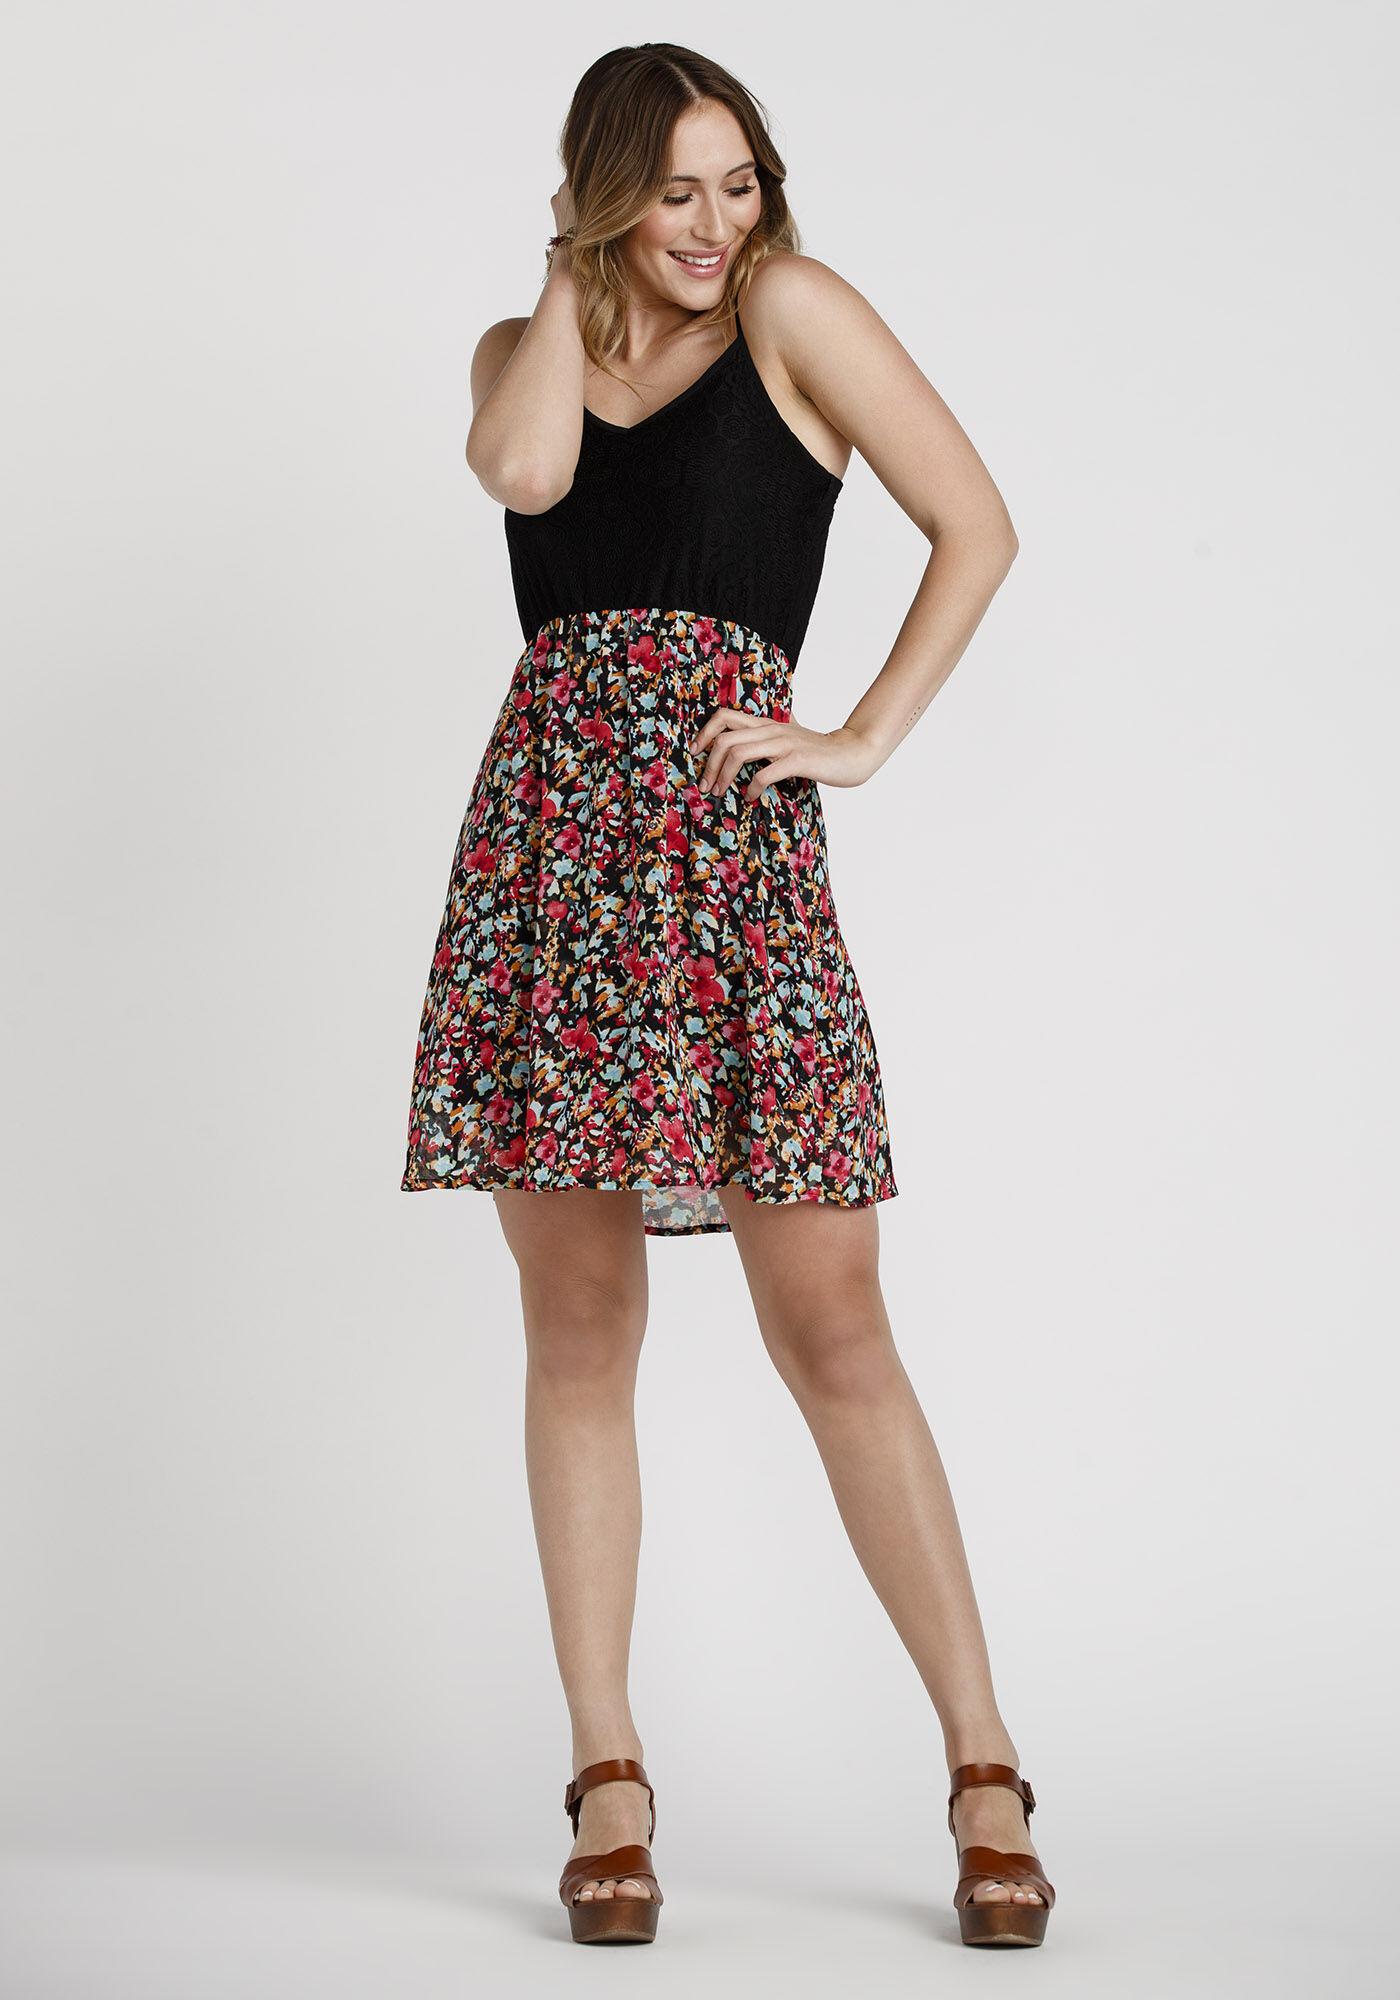 Summer Dresses for Women On Sale